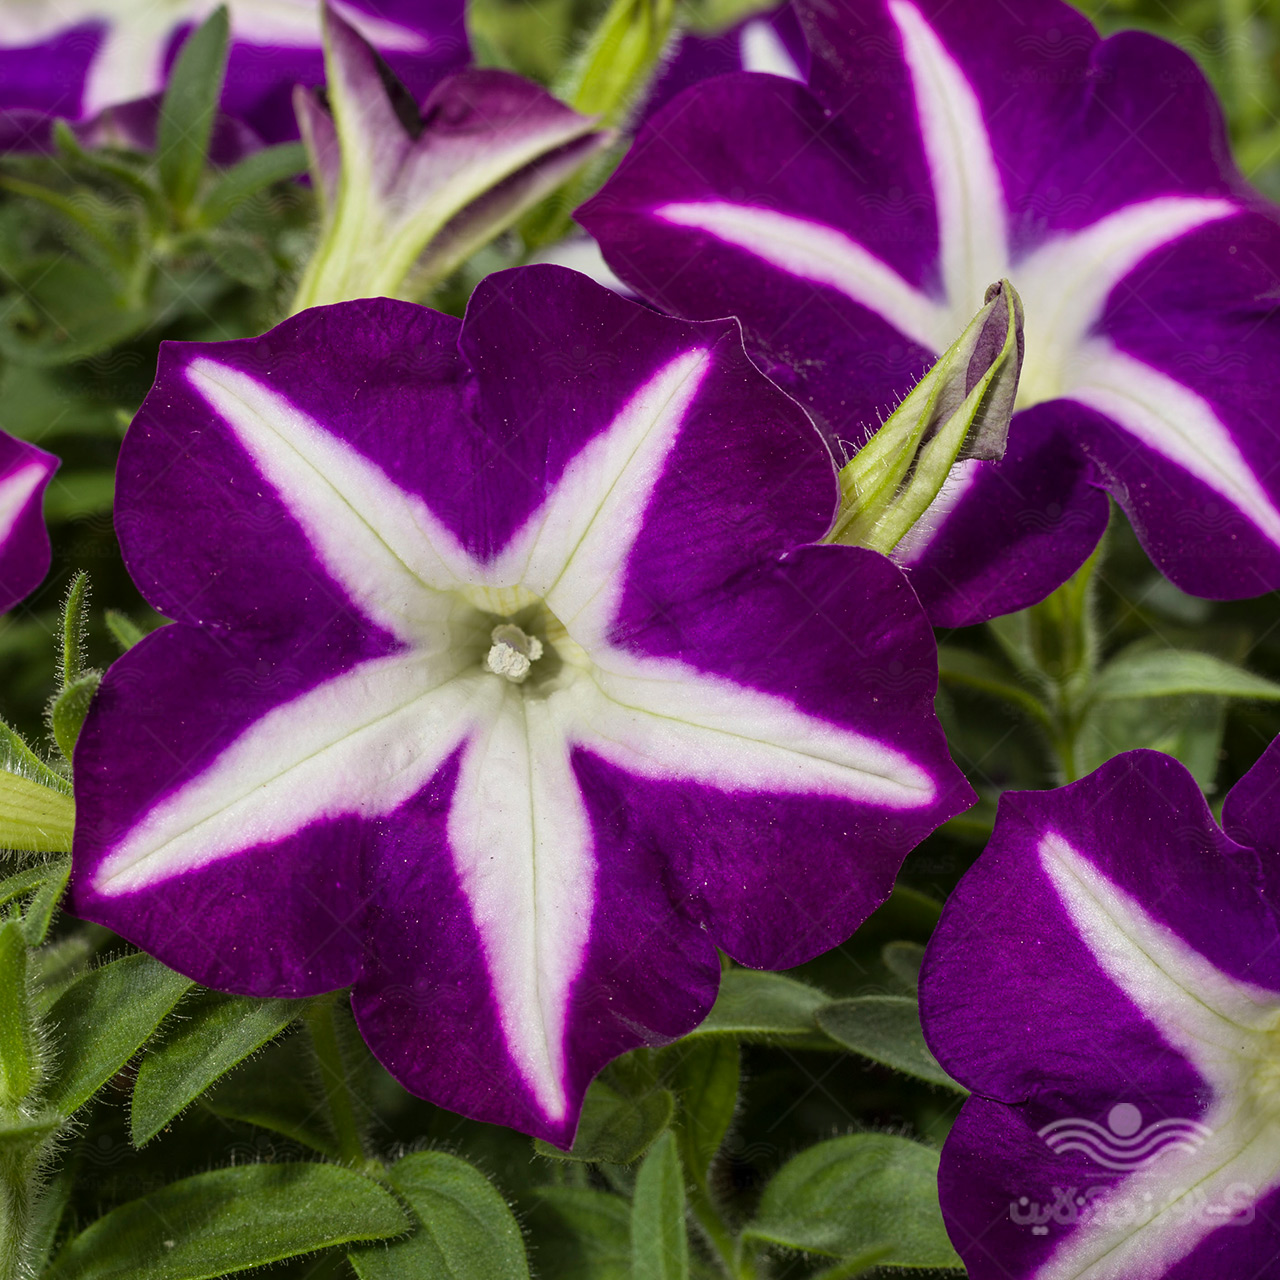 بذر گل اطلسی بنفش ستاره ای